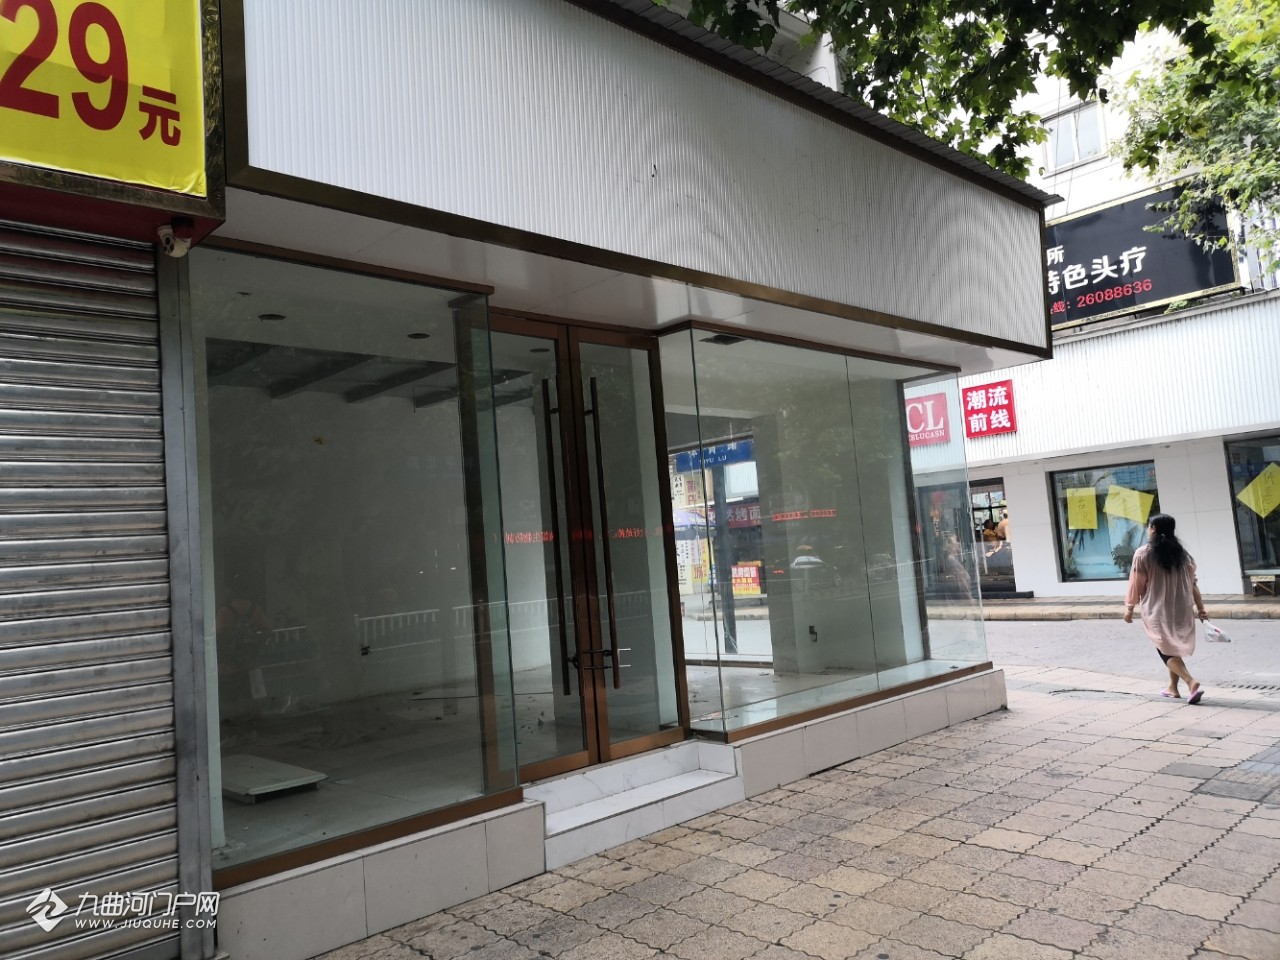 和平路还是算资阳人很多的地方,怎么总有这么多店子关门?